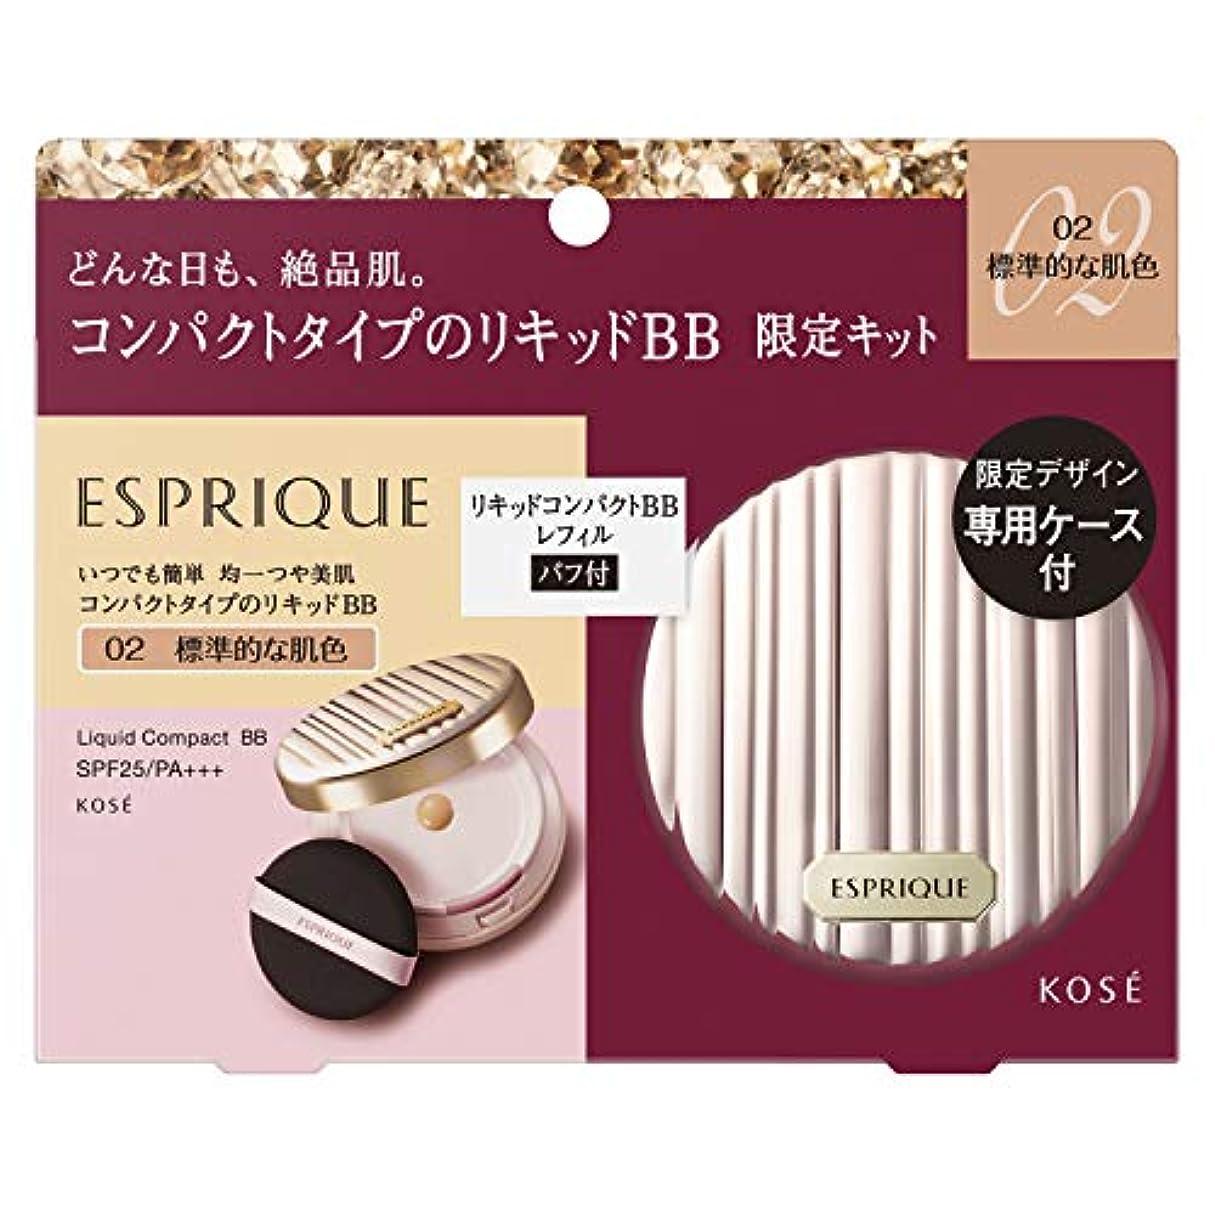 八デイジー宇宙のESPRIQUE(エスプリーク) エスプリーク リキッド コンパクト BB 限定キット 2 BBクリーム 02 標準的な肌色 セット 13g+ケース付き